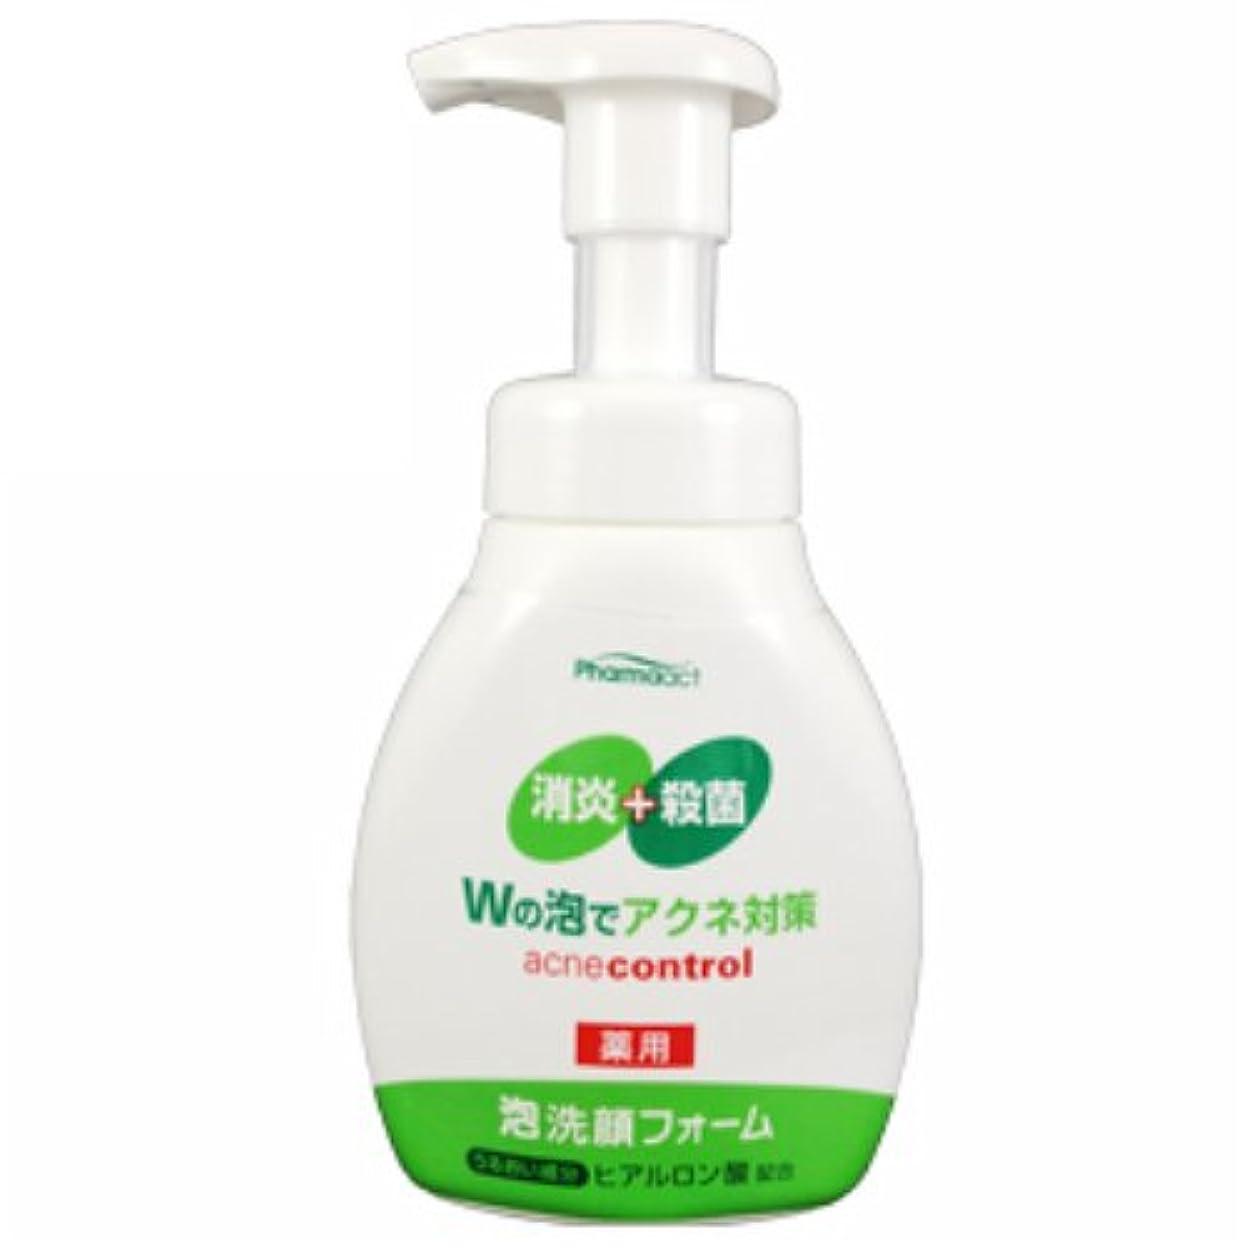 に賛成出しますめ言葉ファーマアクト アクネ対策 薬用 泡洗顔フォーム 180ml